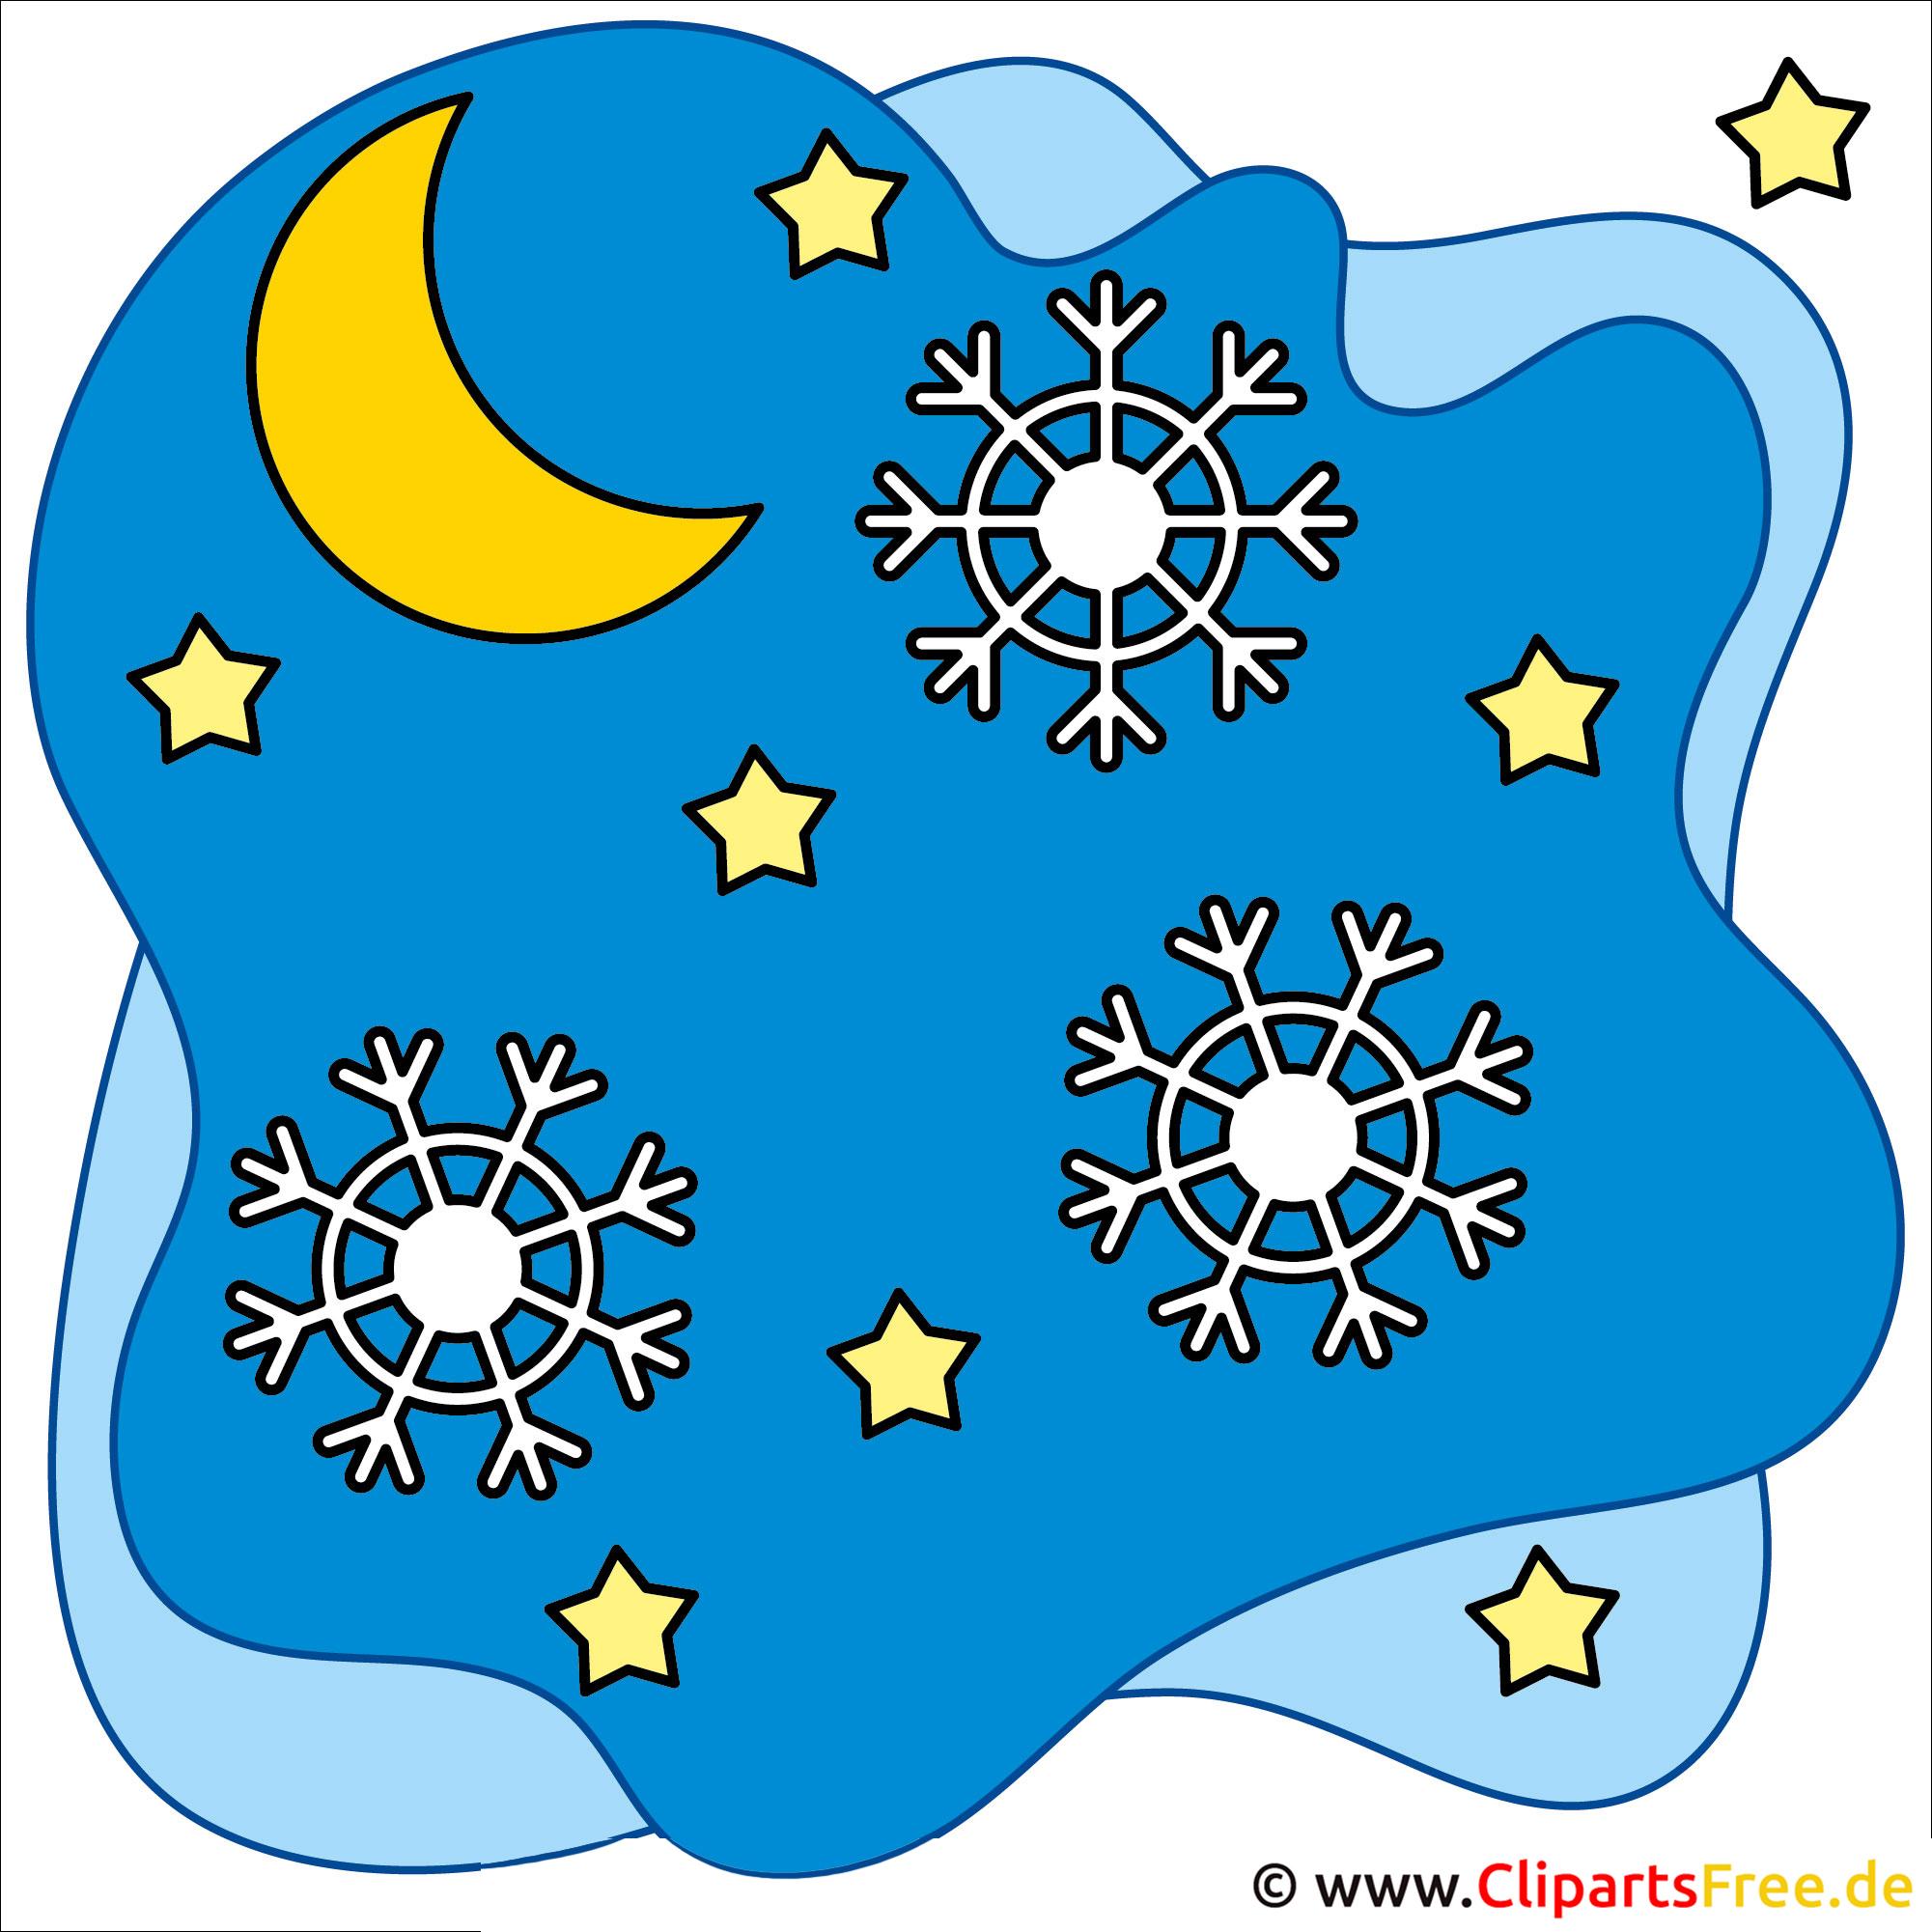 Clip Art Weihnachten Schneeflocke Im Nachtshimmel